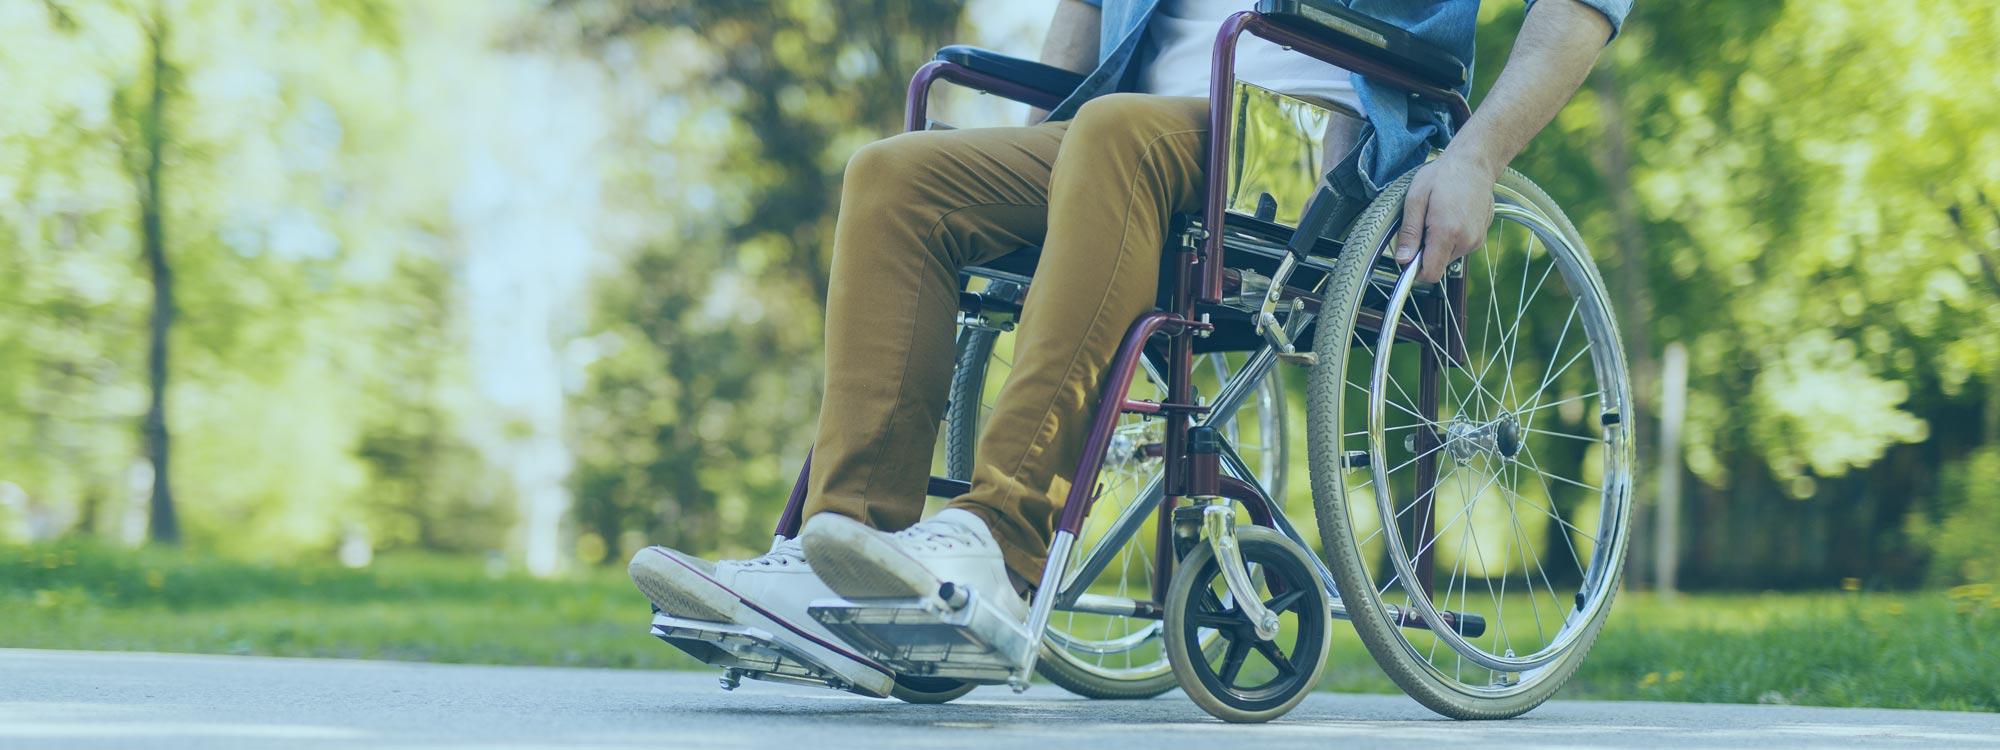 Deckenlift für Rollstuhlfahrer